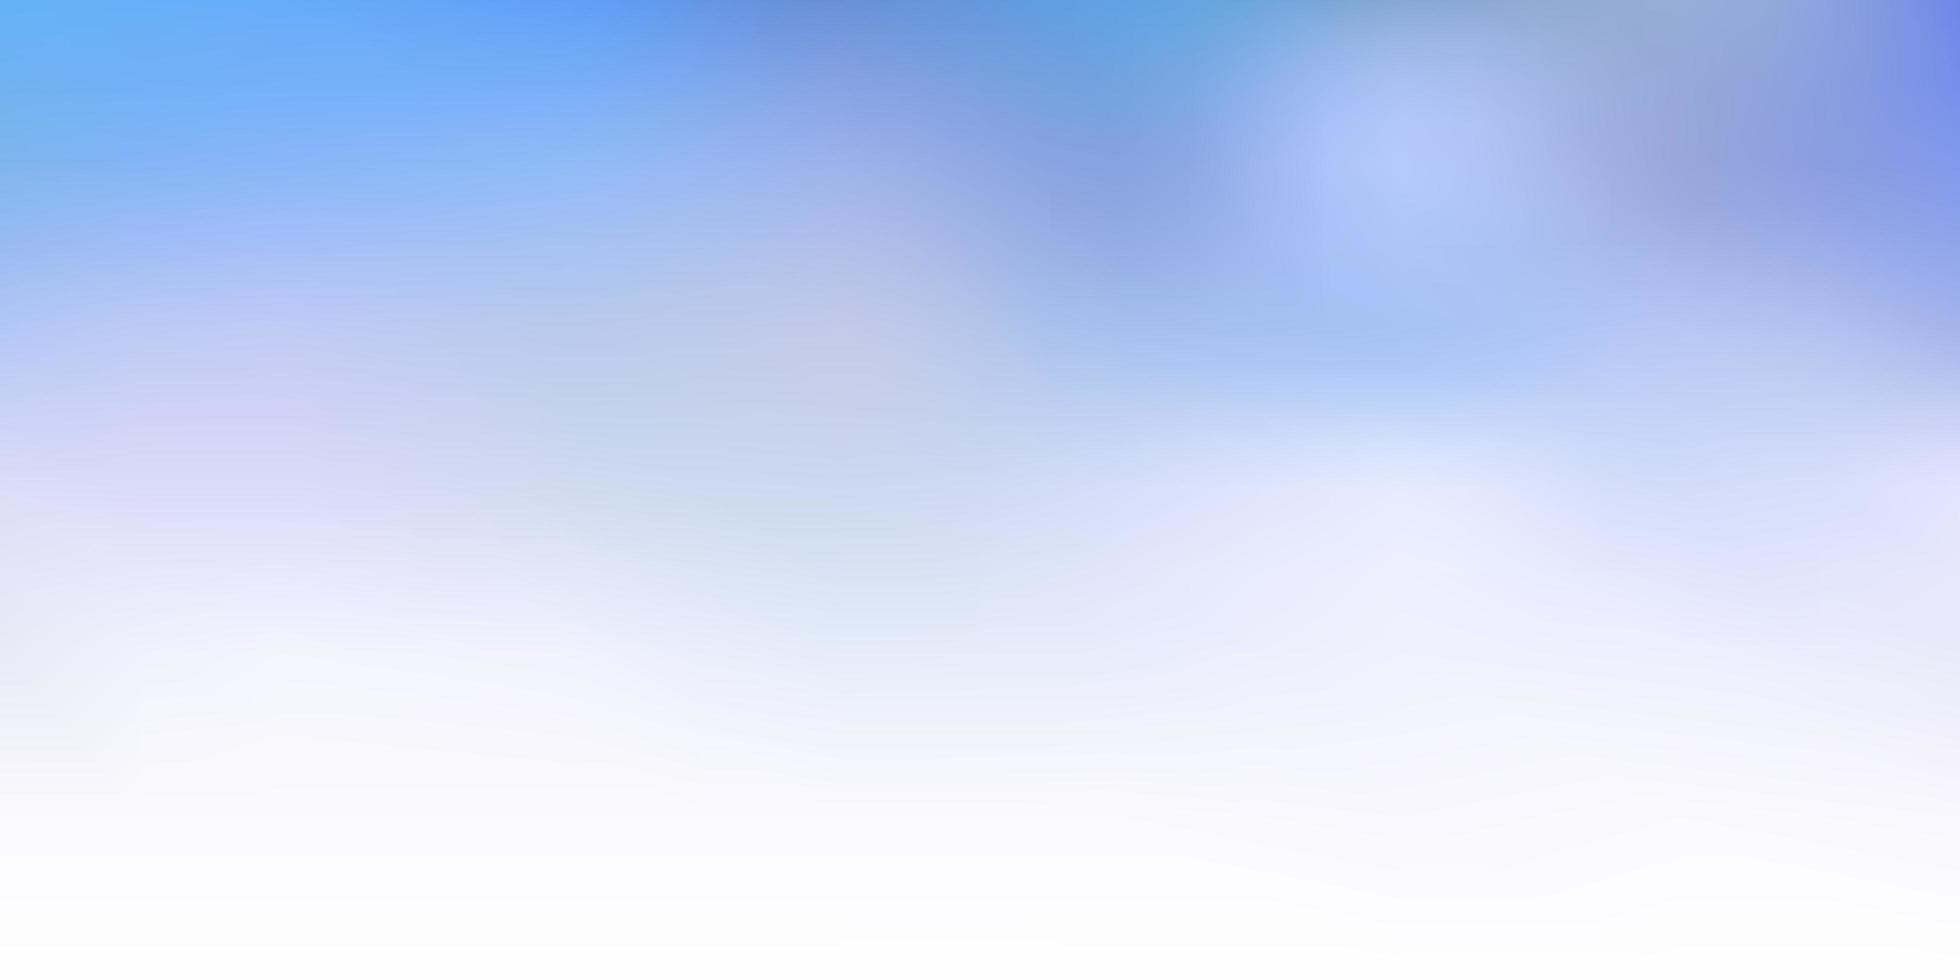 modelo de desfoque de vetor azul claro.